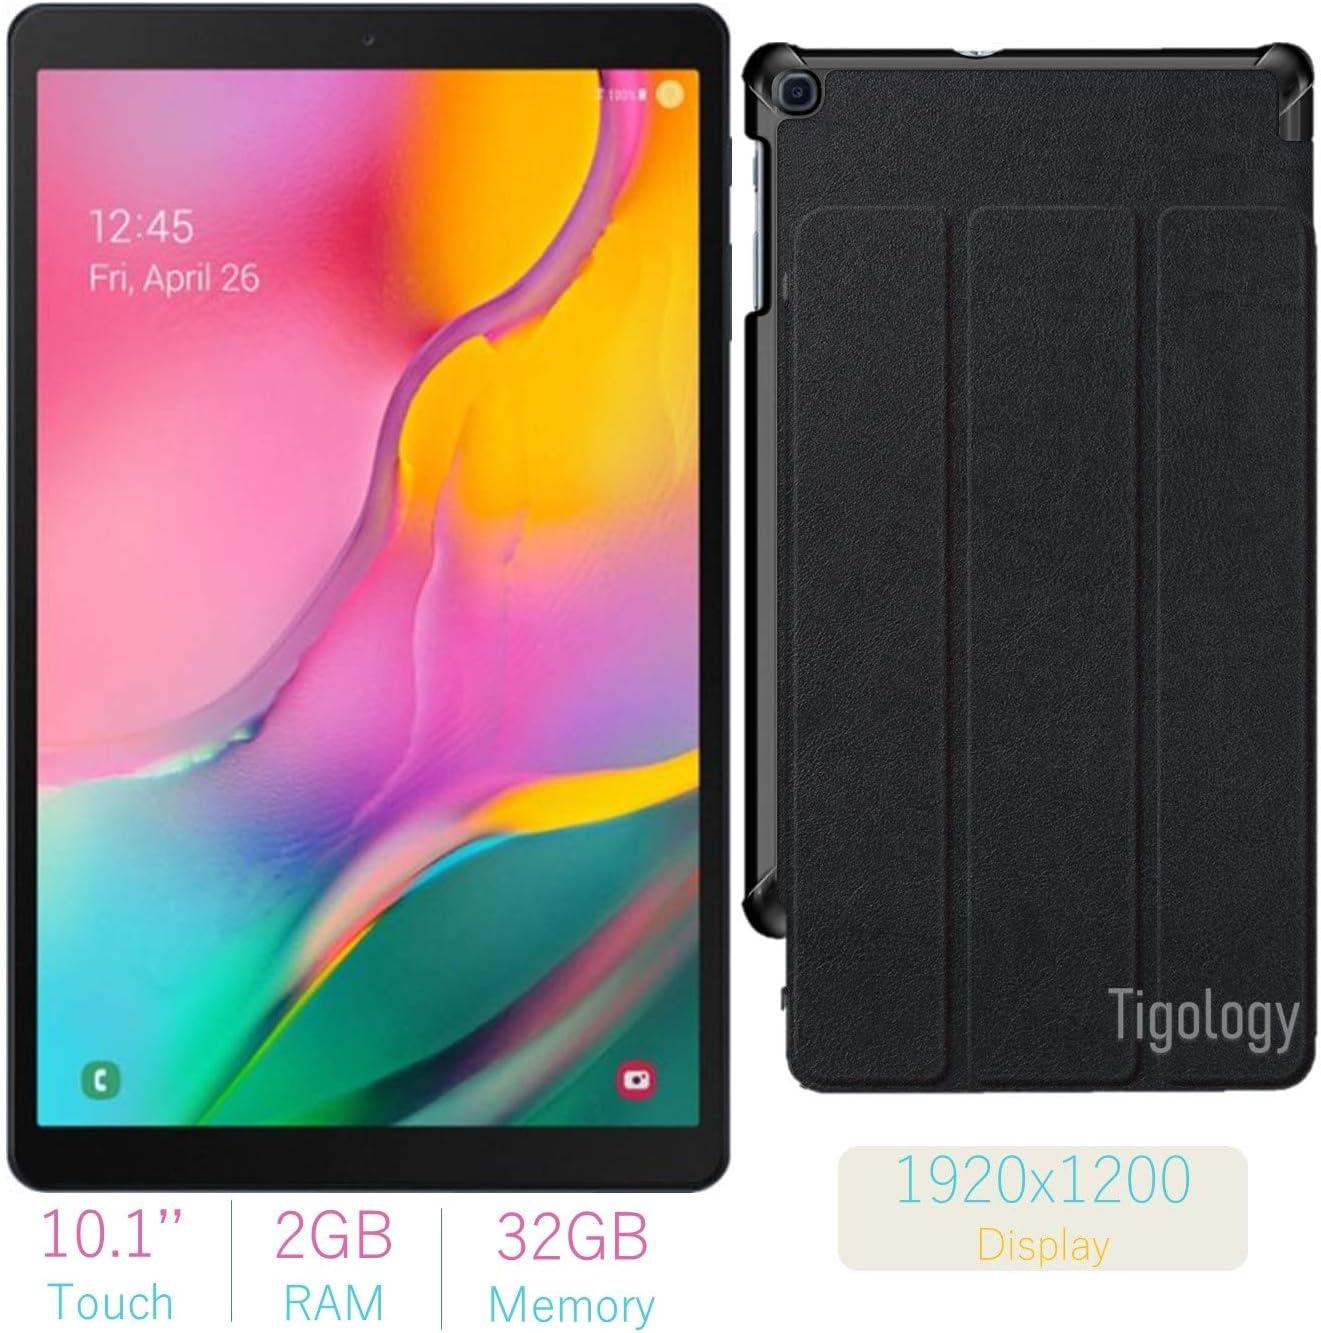 Samsung Galaxy Tab A, Exynos 7904A Processor, 2GBRAM, 32GB